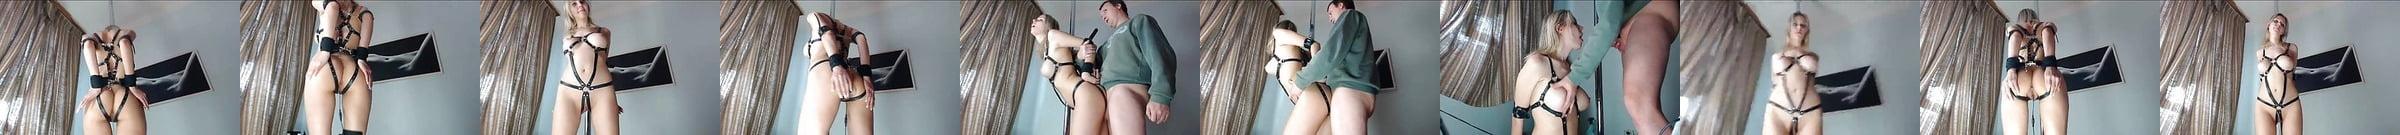 Weinerlicher Sexsklave Von Blondine Dominiert